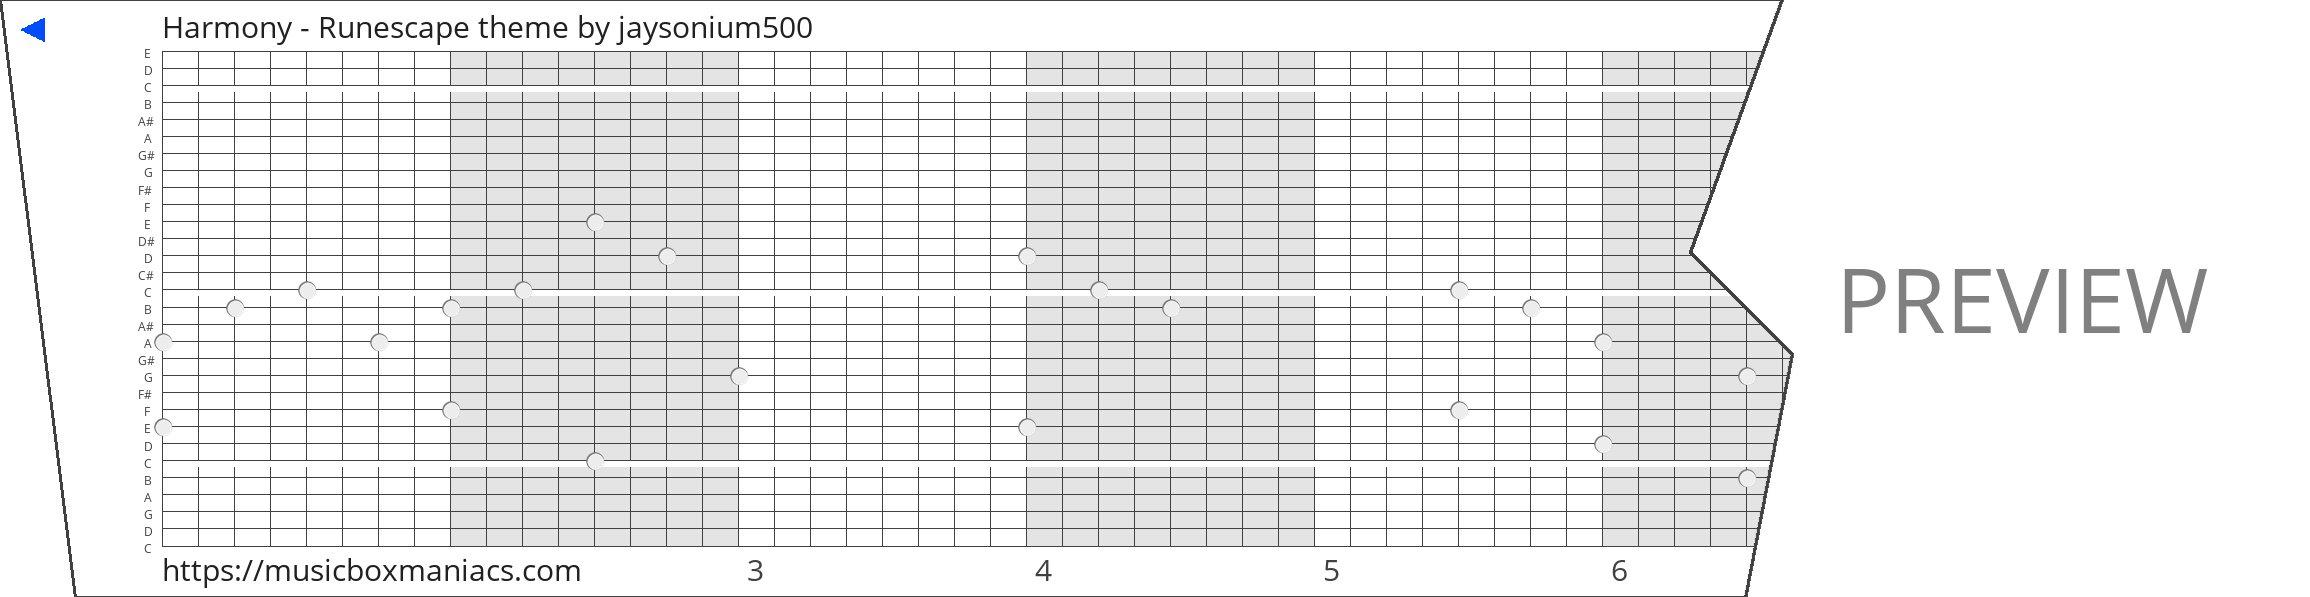 Harmony - Runescape theme 30 note music box paper strip